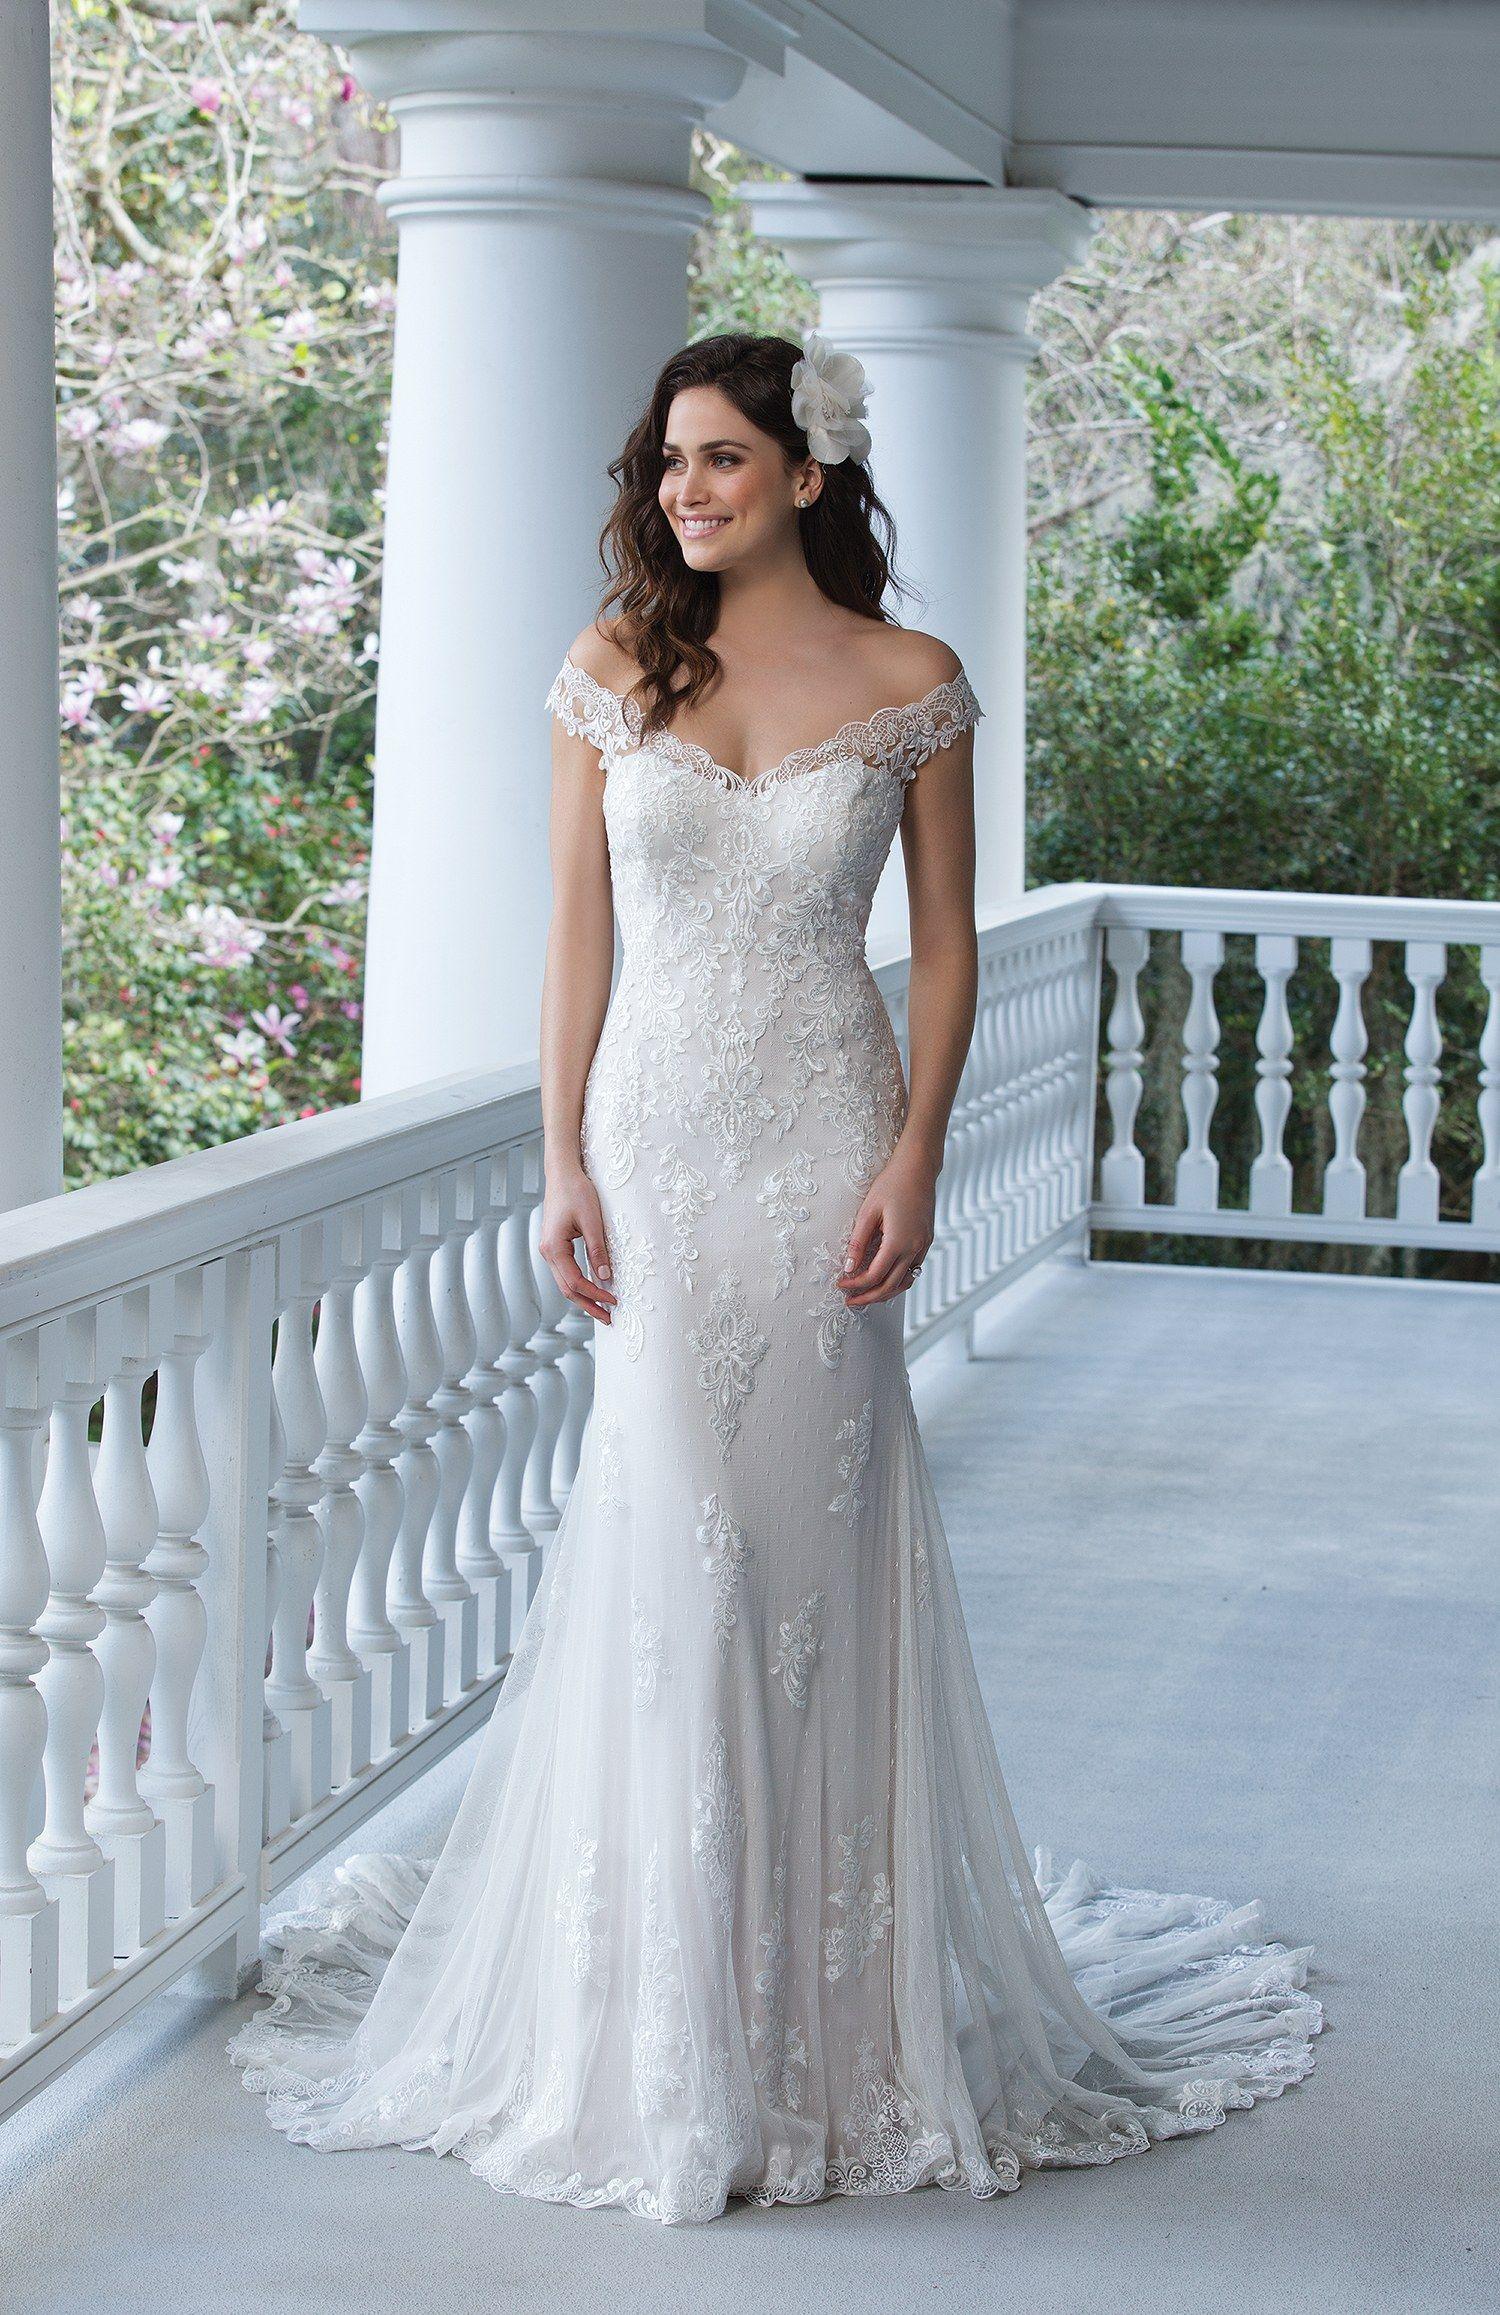 Wedding Dresses Under 1,000 Affordable Wedding Dresses